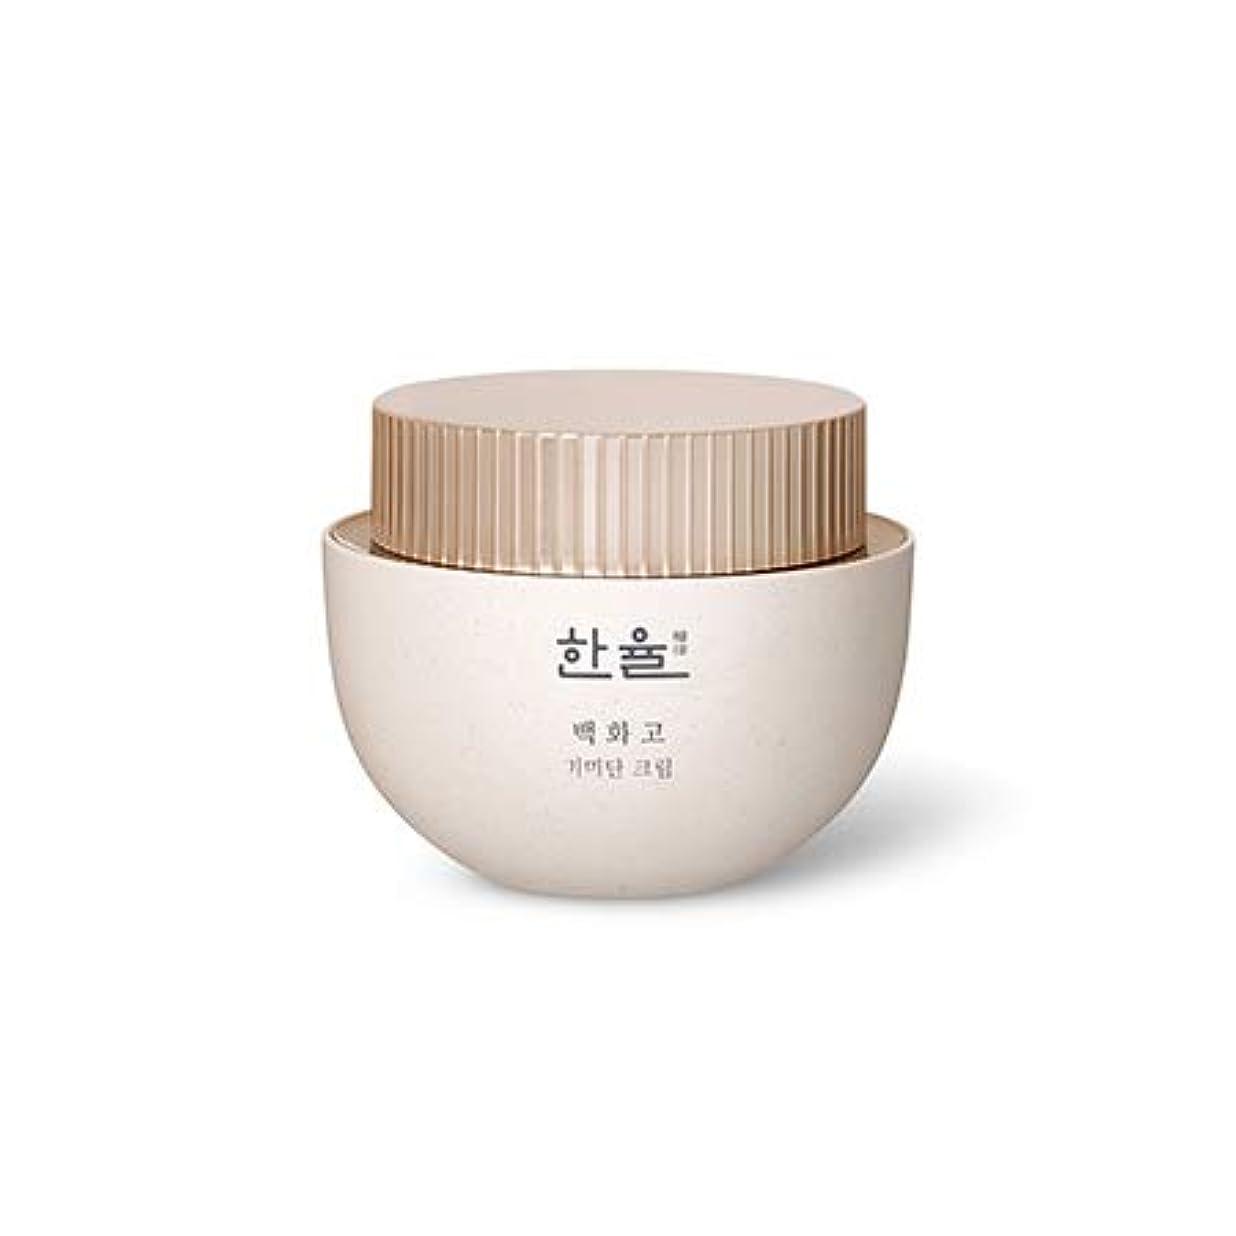 ソフトウェアコカイン抜粋[ハンユル.HANYUL]ベクファゴシミ段クリームHanyul Baek Hwa Goh Anti-Aging Cream(シミ、くすみなどの老化の兆候をケア)